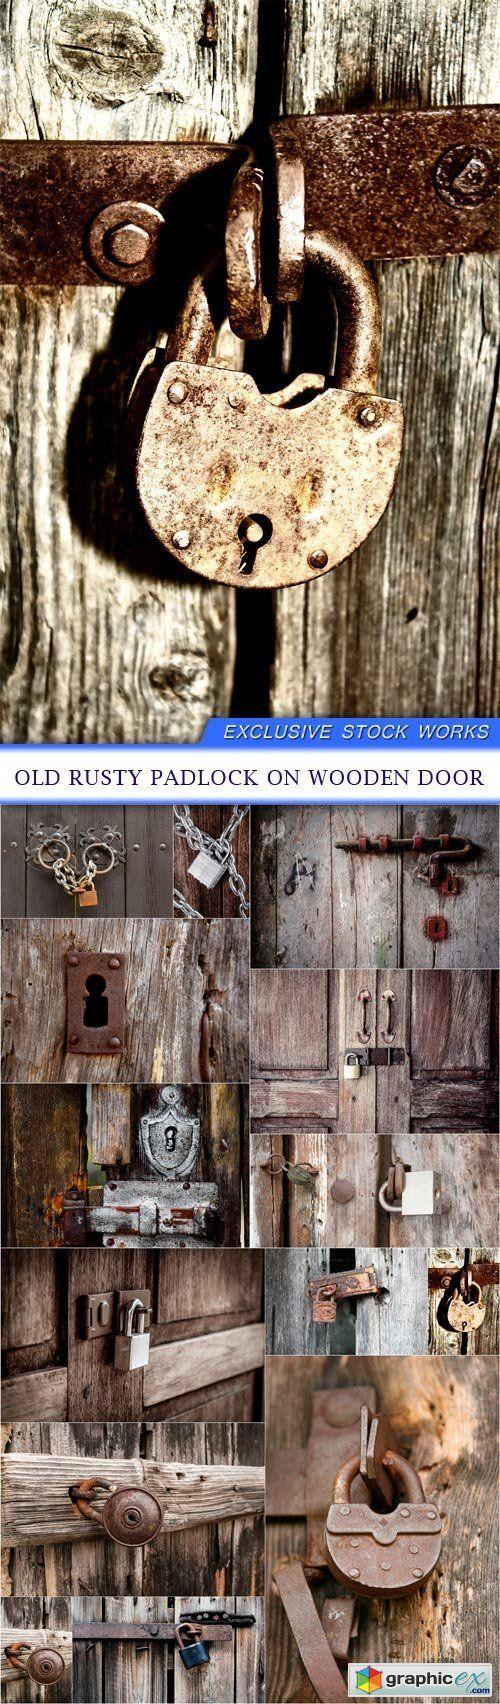 Old rusty padlock on wooden door 15X JPEG  stock images